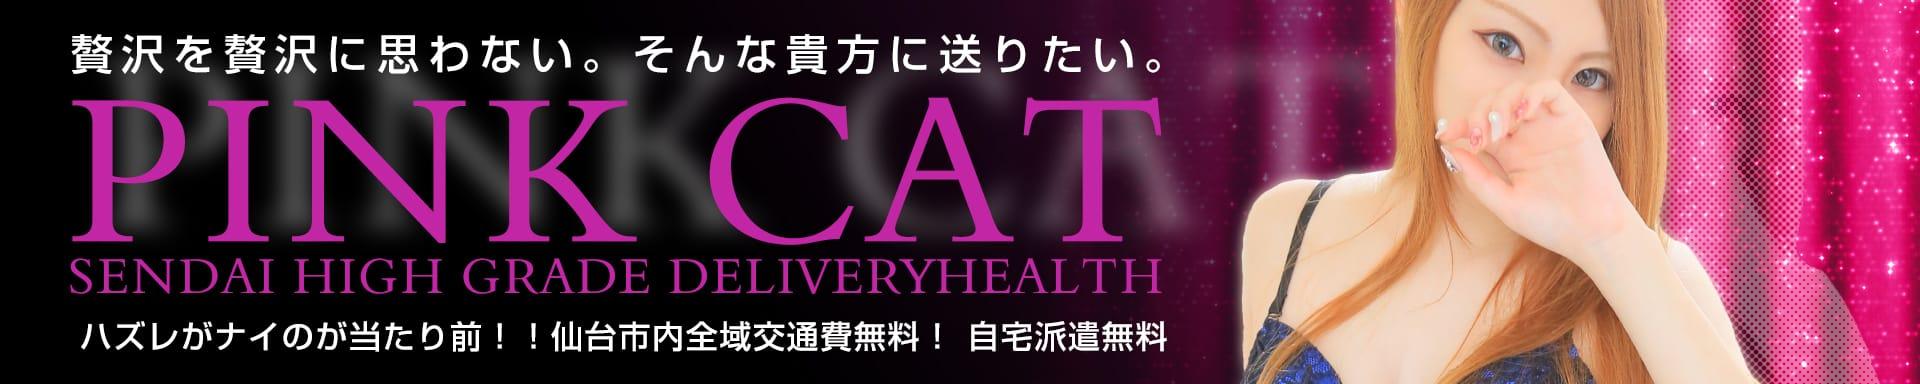 PINK CAT その3